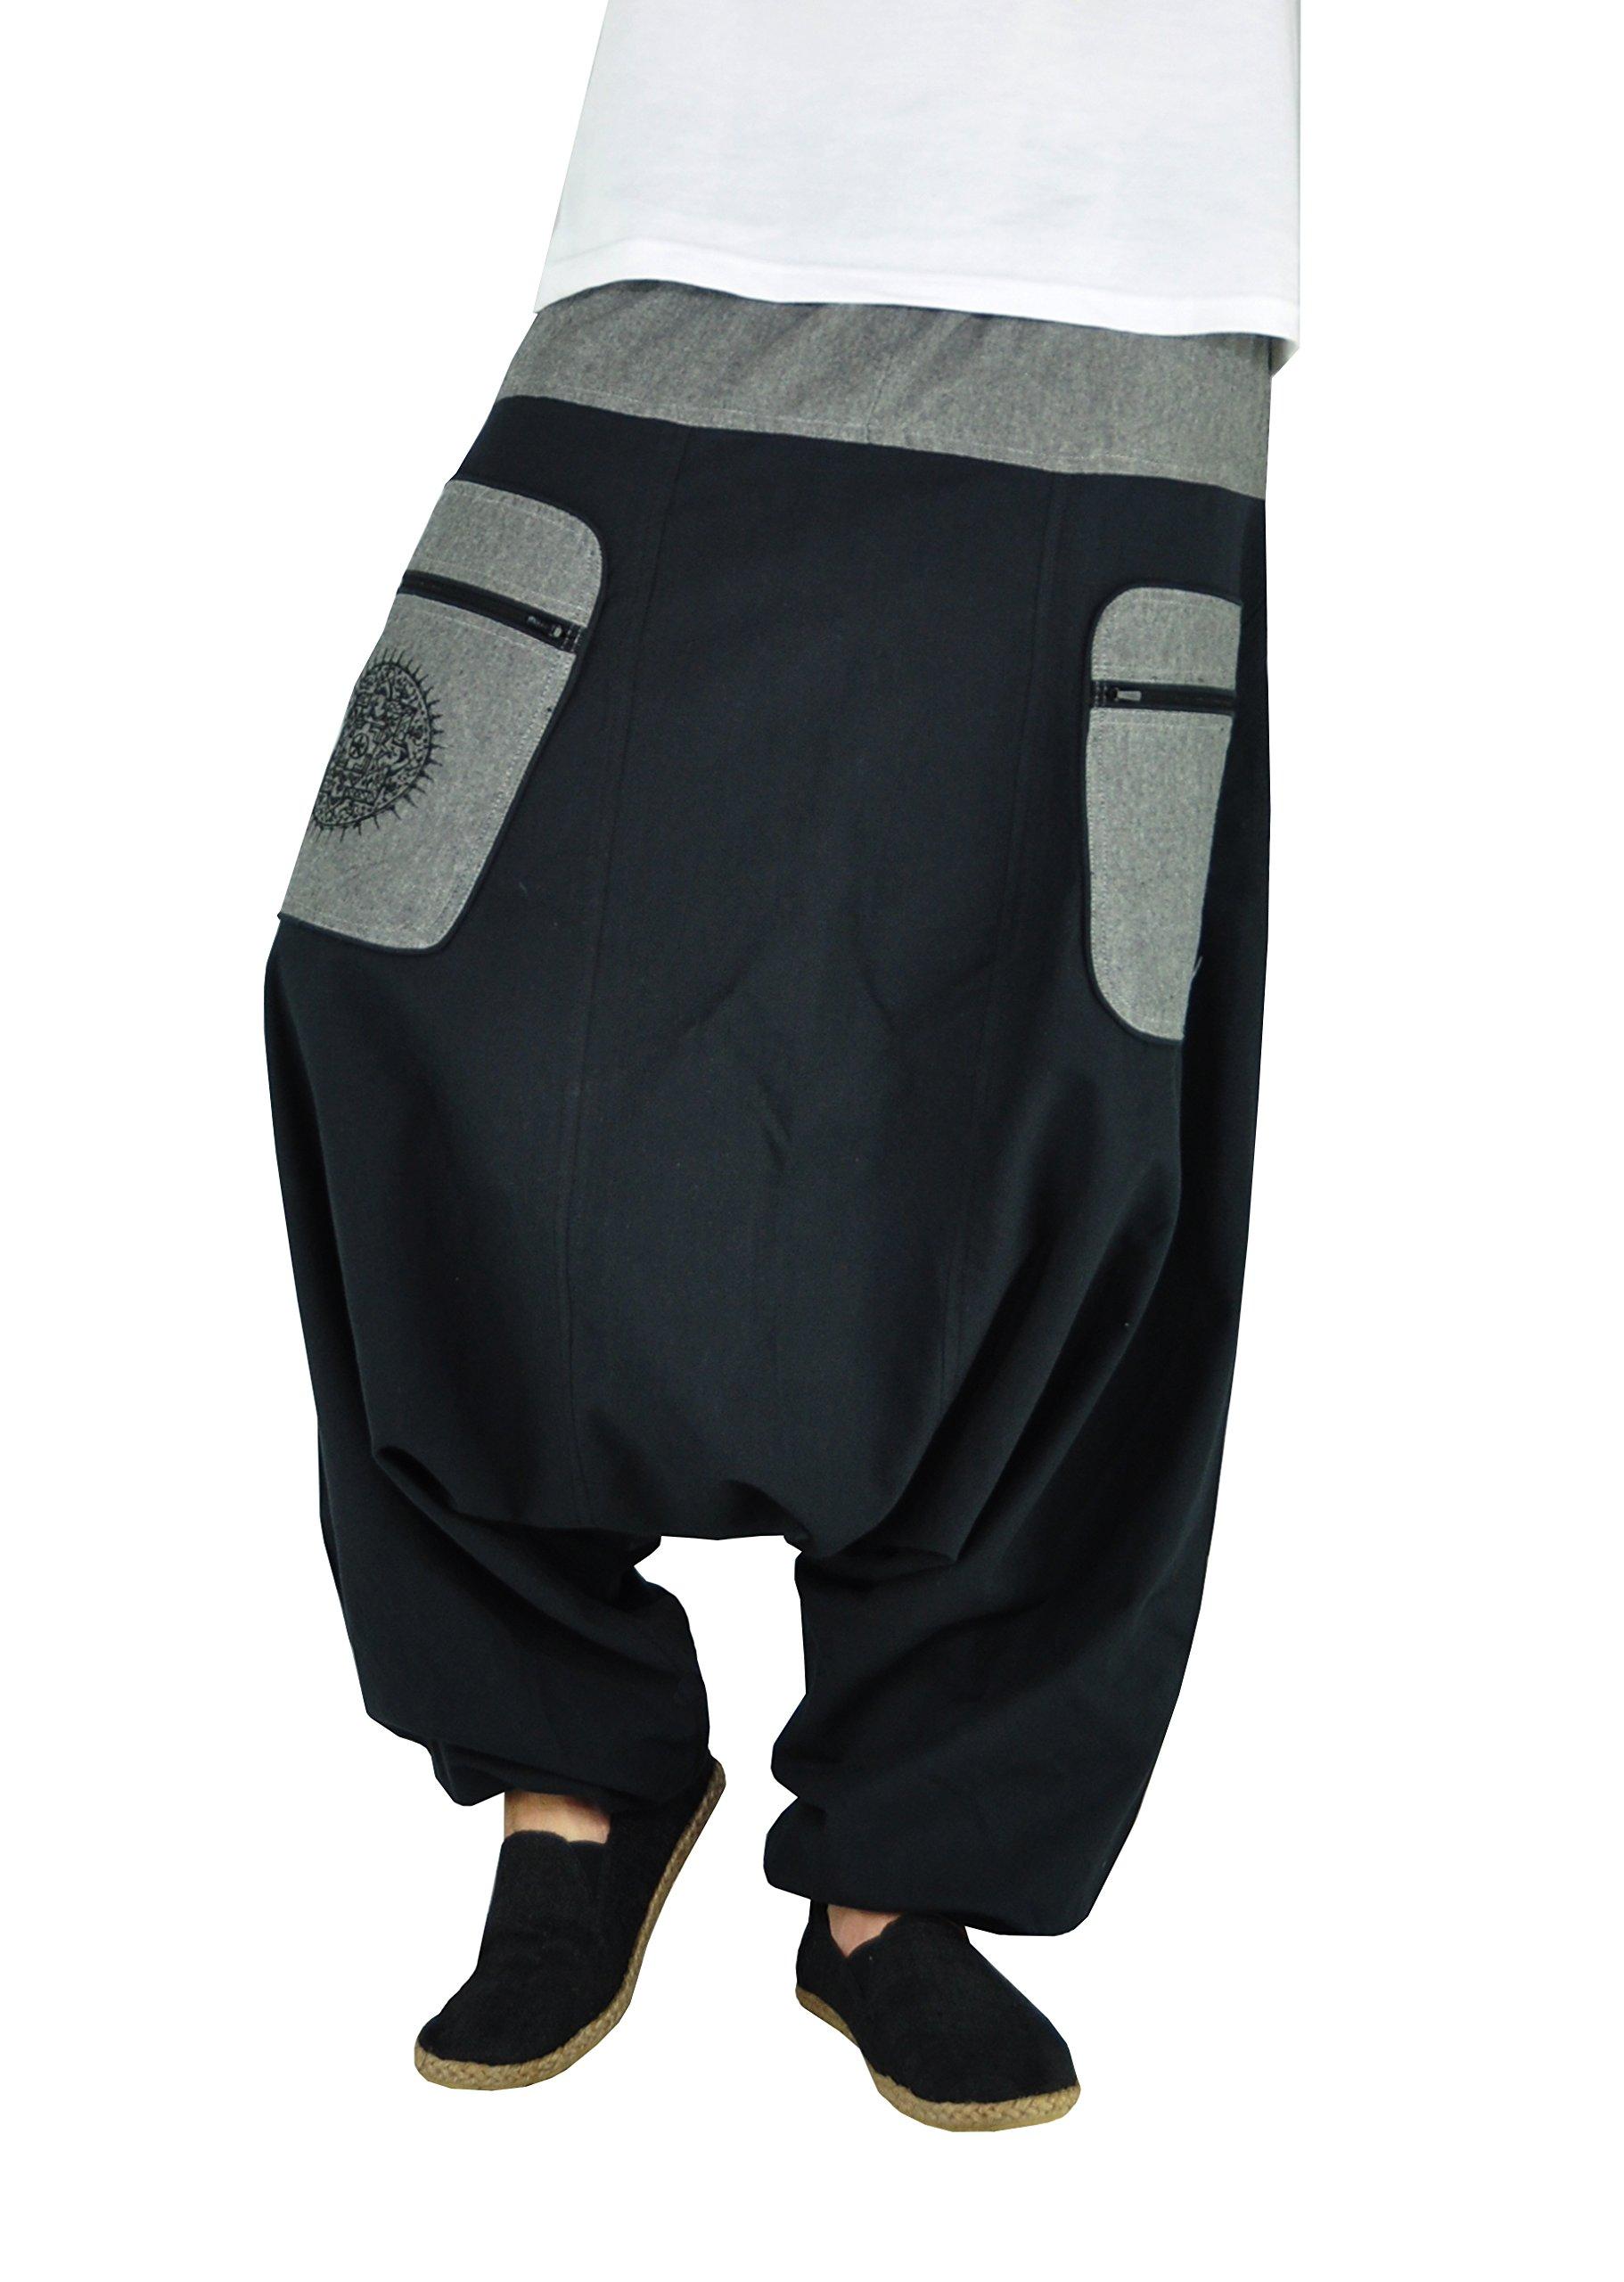 virblatt - Harem Pants for Men & Women | 100% Cotton | Drop Crotch Pants Men Parachute Pants Aladdin Pants Hippie Indie